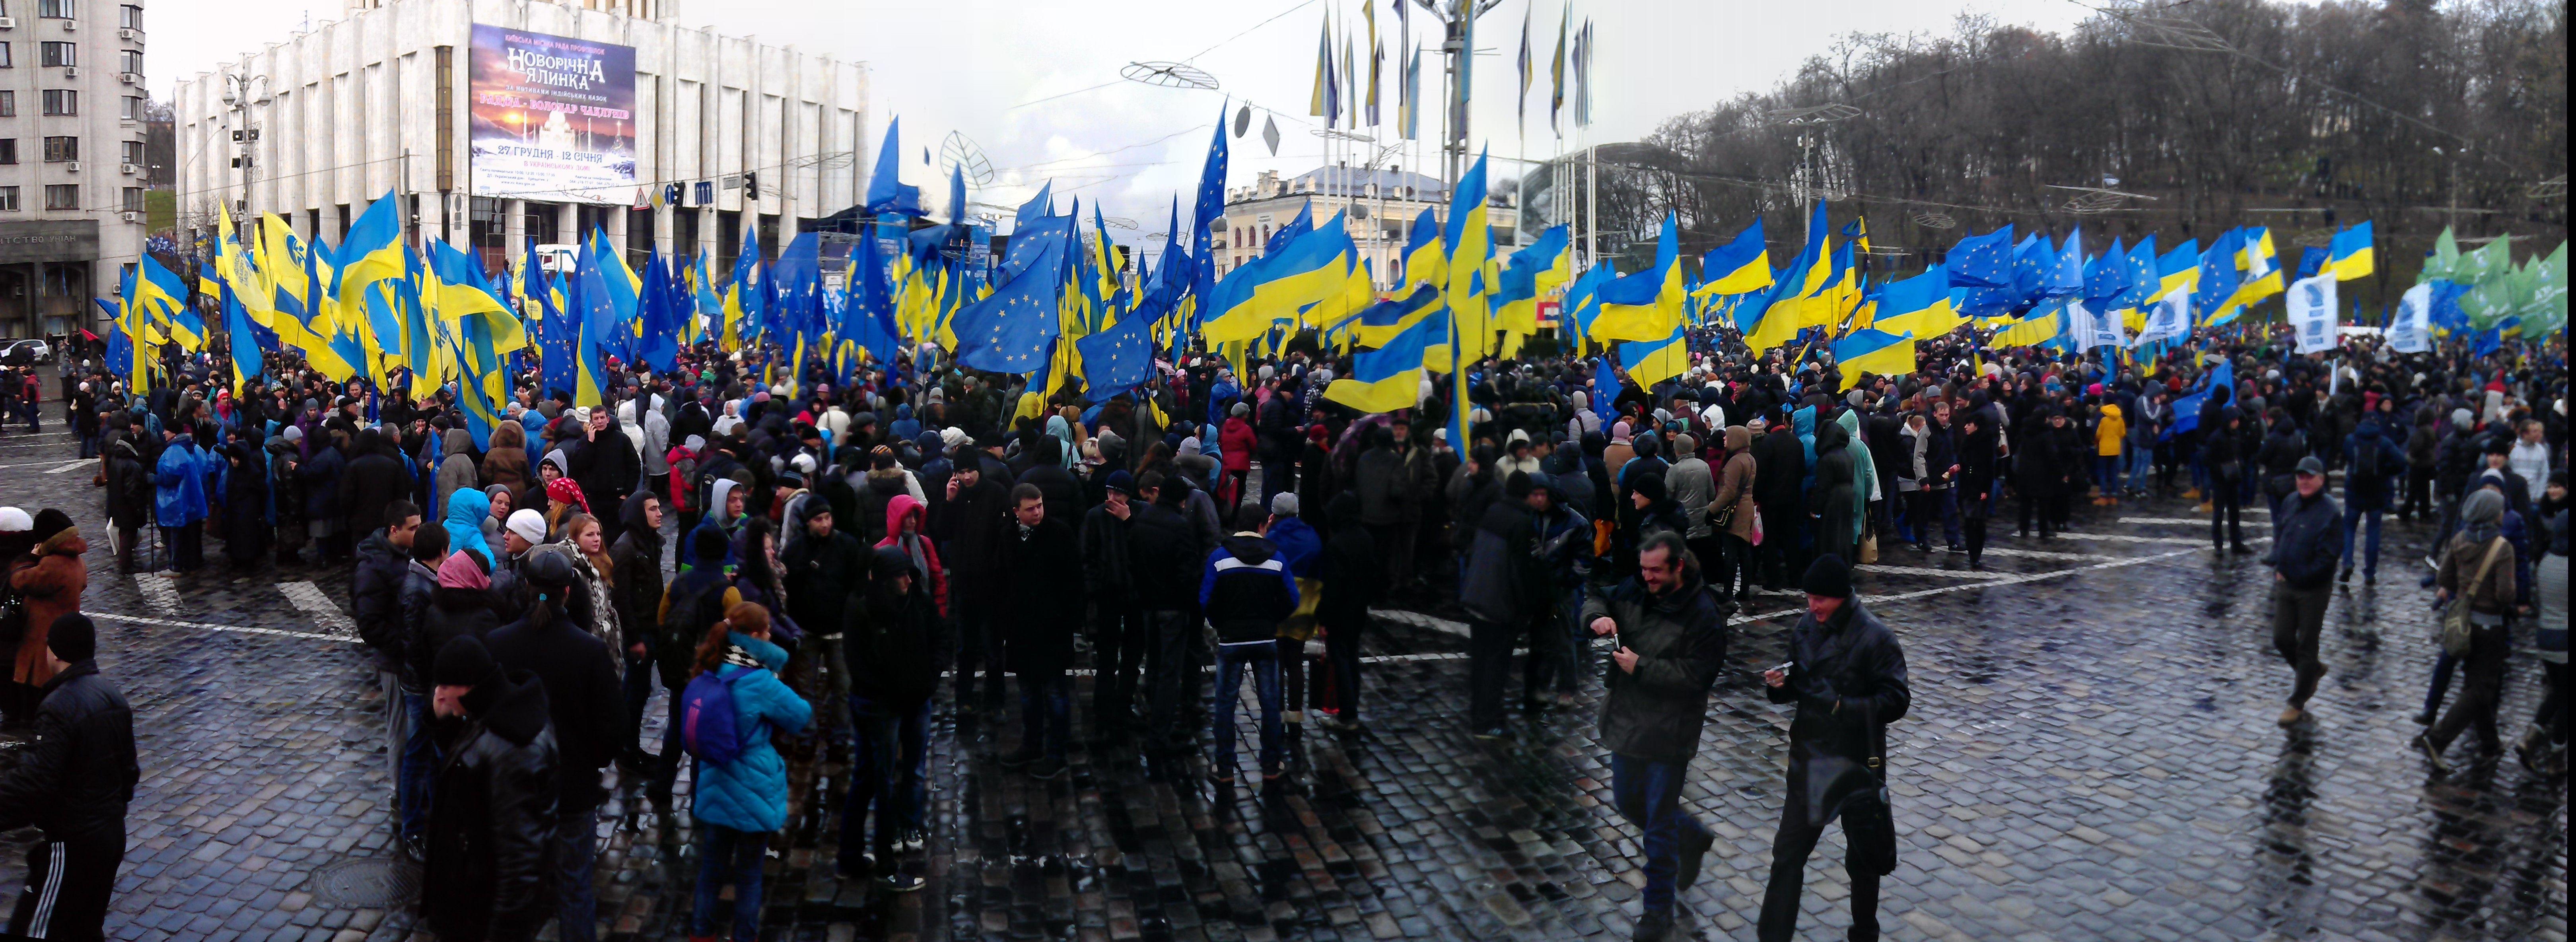 Украинцы устроили массовый протест: причина вас смутит